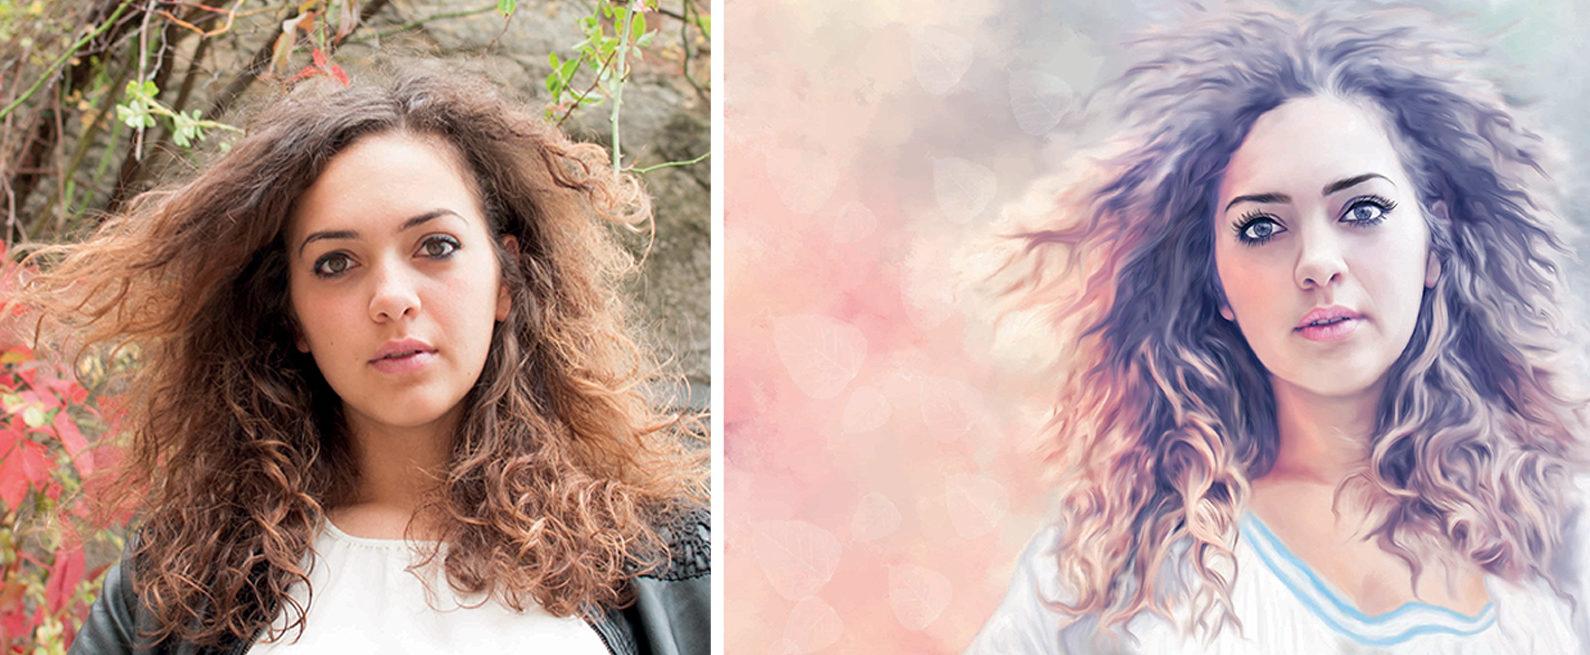 prima e dopo, digital art, dalla foto al dipinto